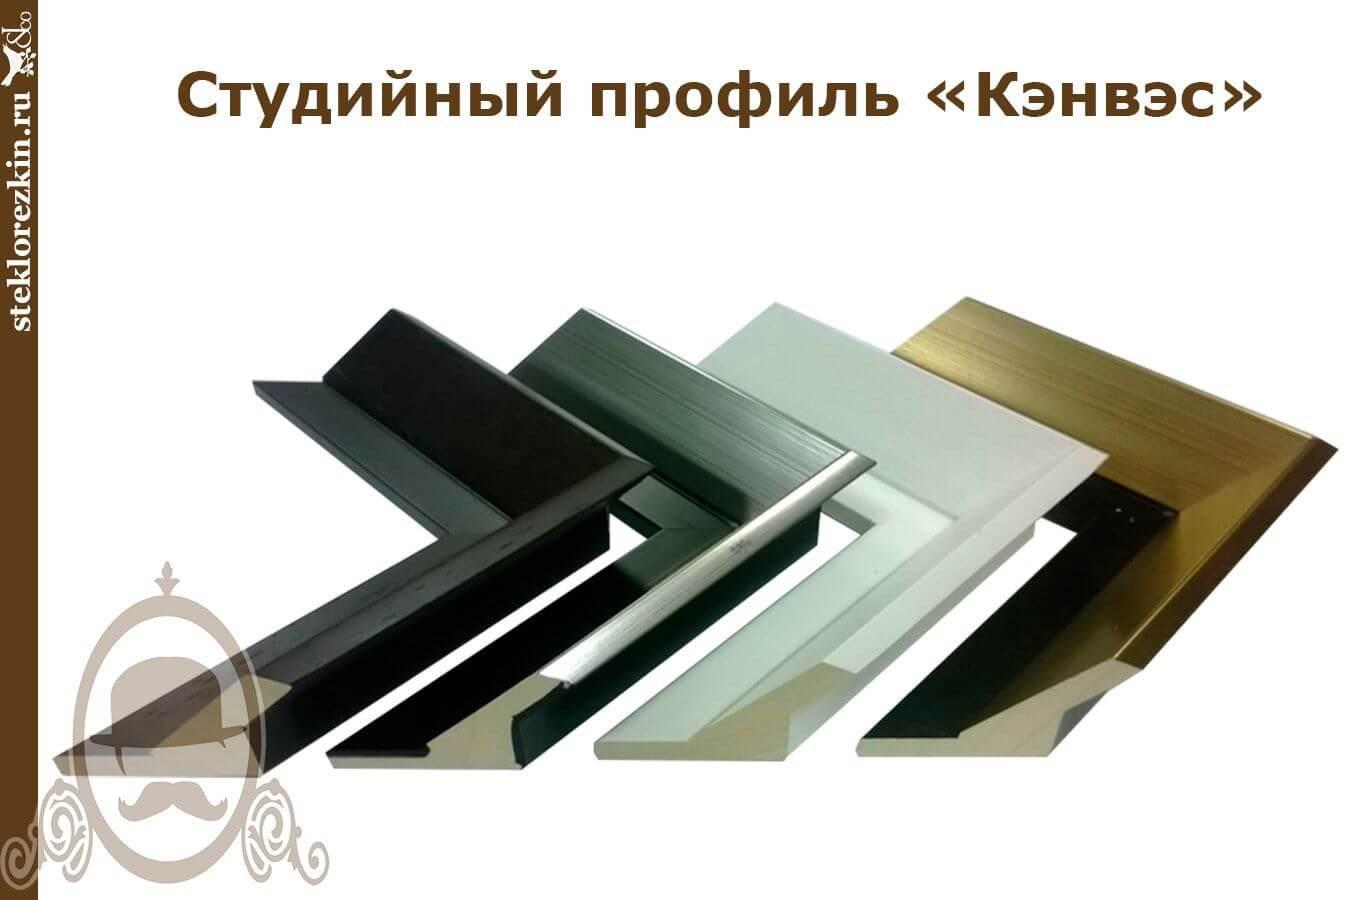 Baget_plastik_steklorezkin.ru_baget-stud